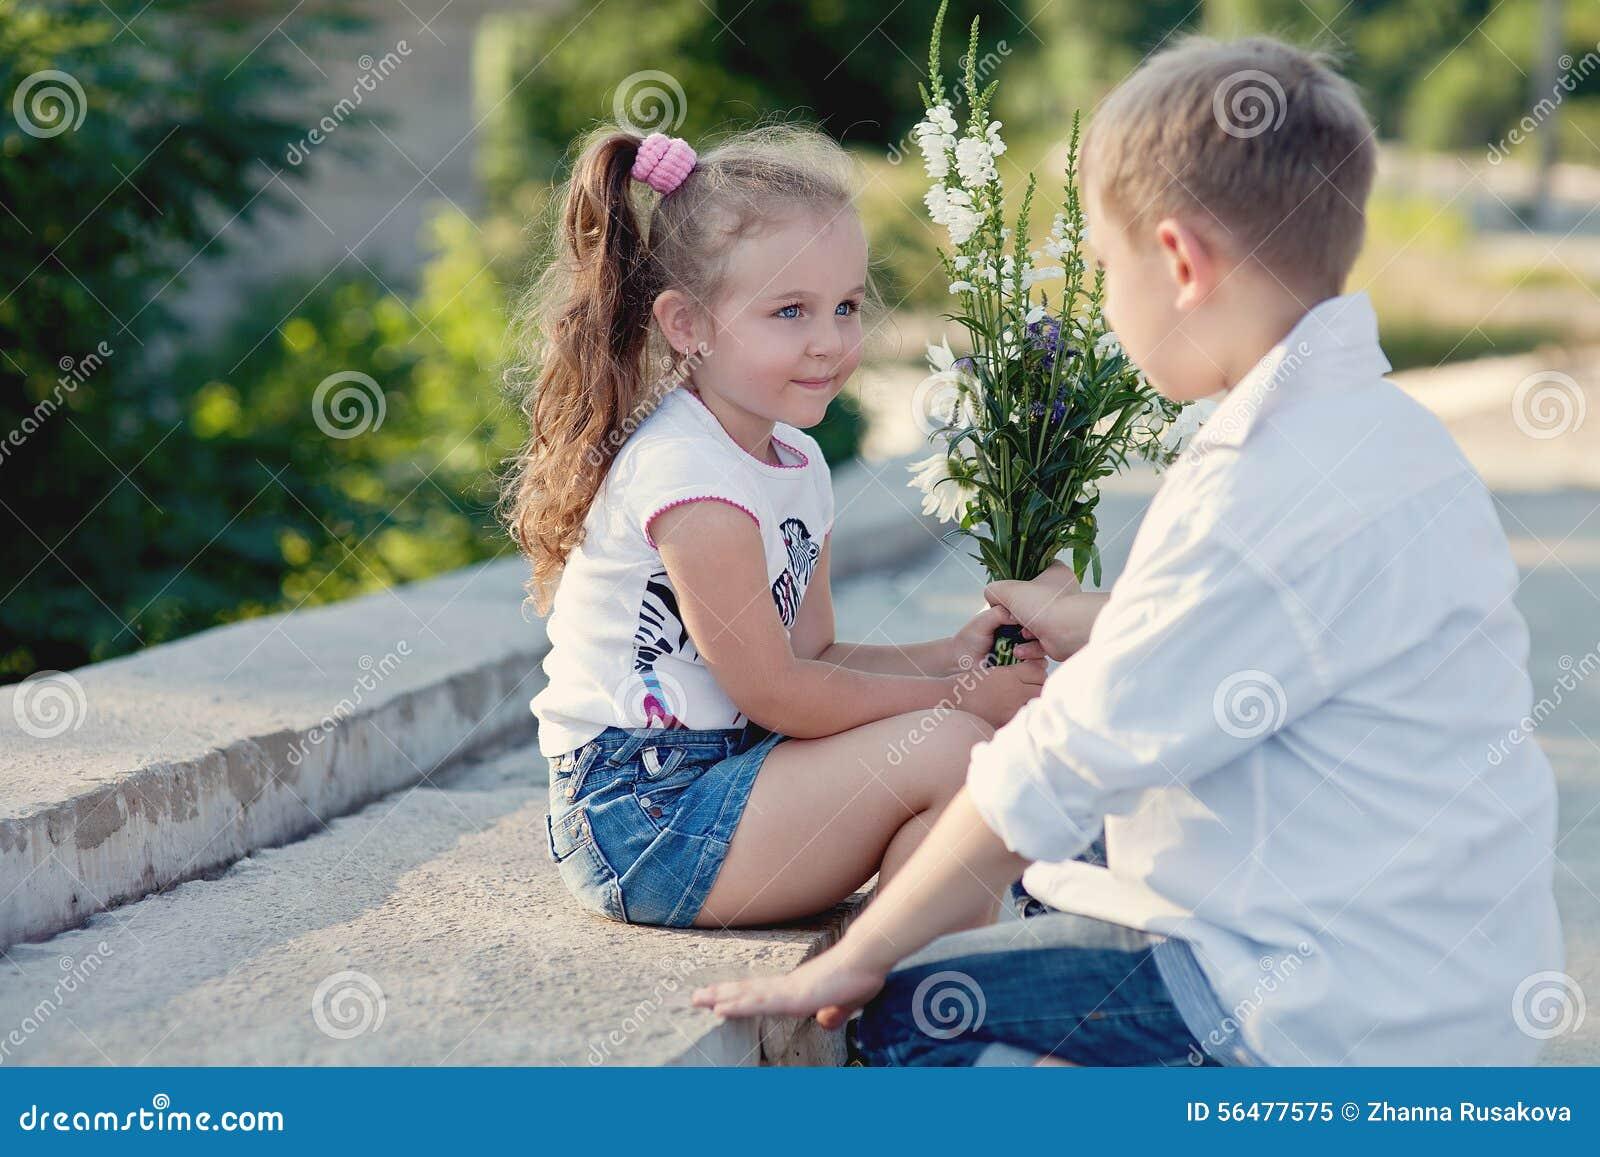 ein junge givving blumen zum girfriend auf einem datum stockbild bild von datum reisen 56477575. Black Bedroom Furniture Sets. Home Design Ideas